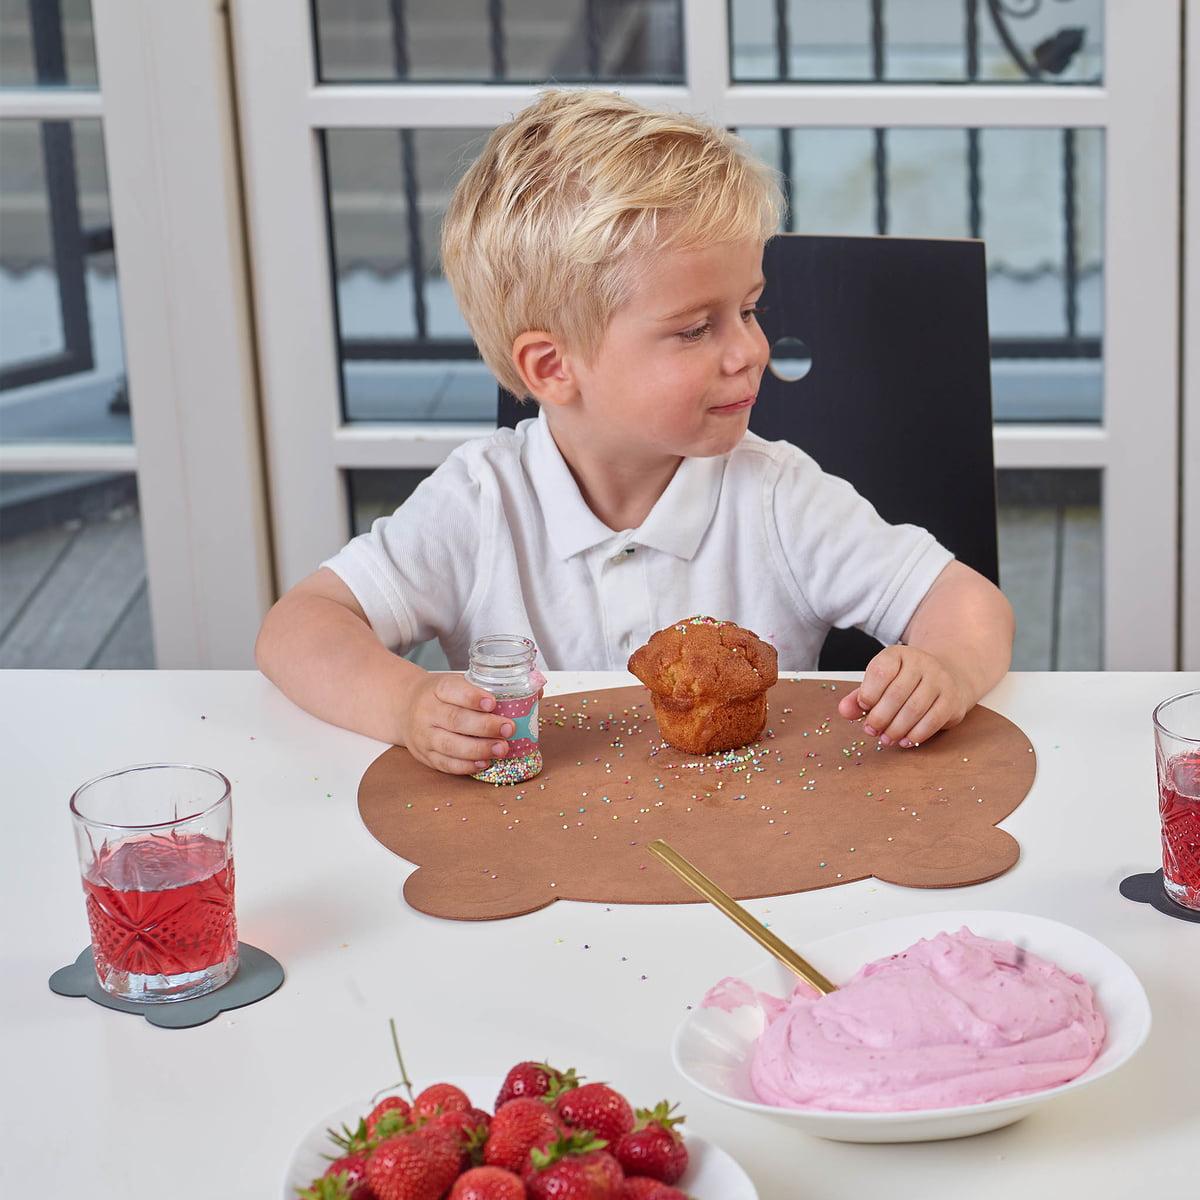 LindDNA - Kinder-Tischset Bär| Nupo anthrazit | Kinderzimmer > Kindertische | LIND DNA